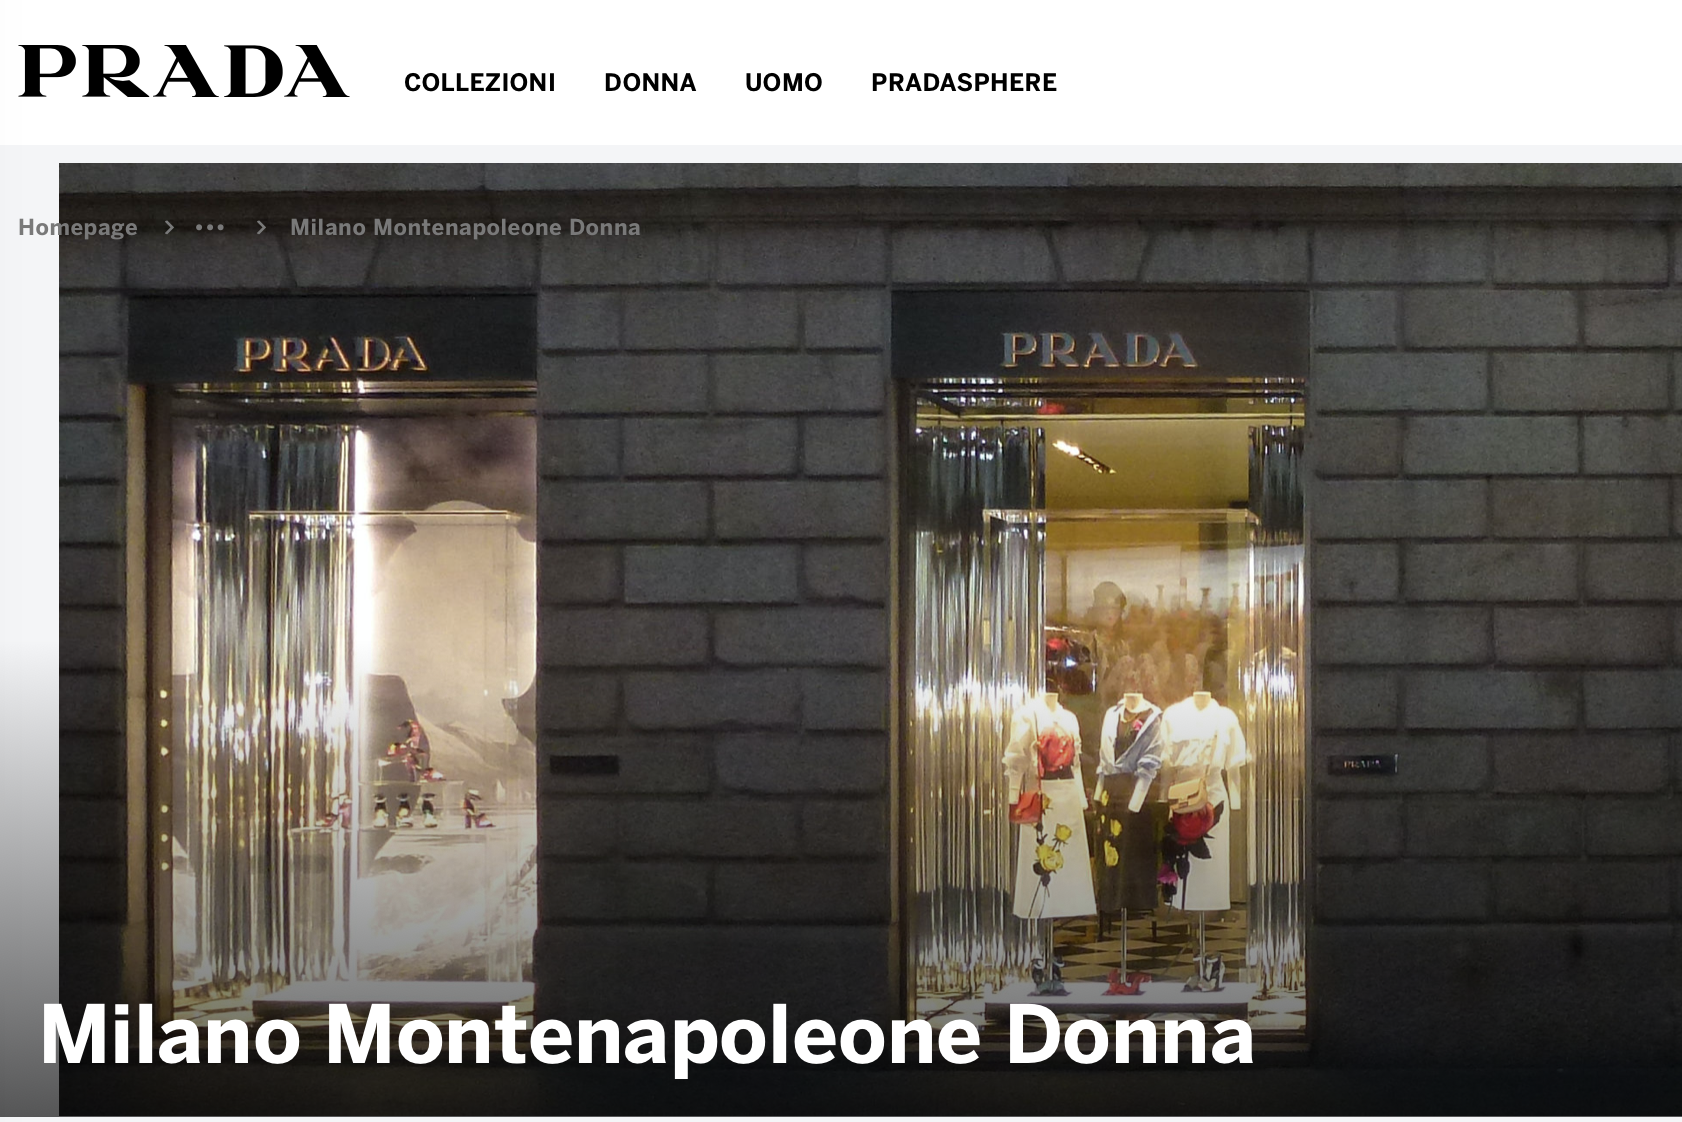 """Prada集团6600万欧元收购掌门人的""""自留地"""":在米兰的四家Prada品牌门店"""